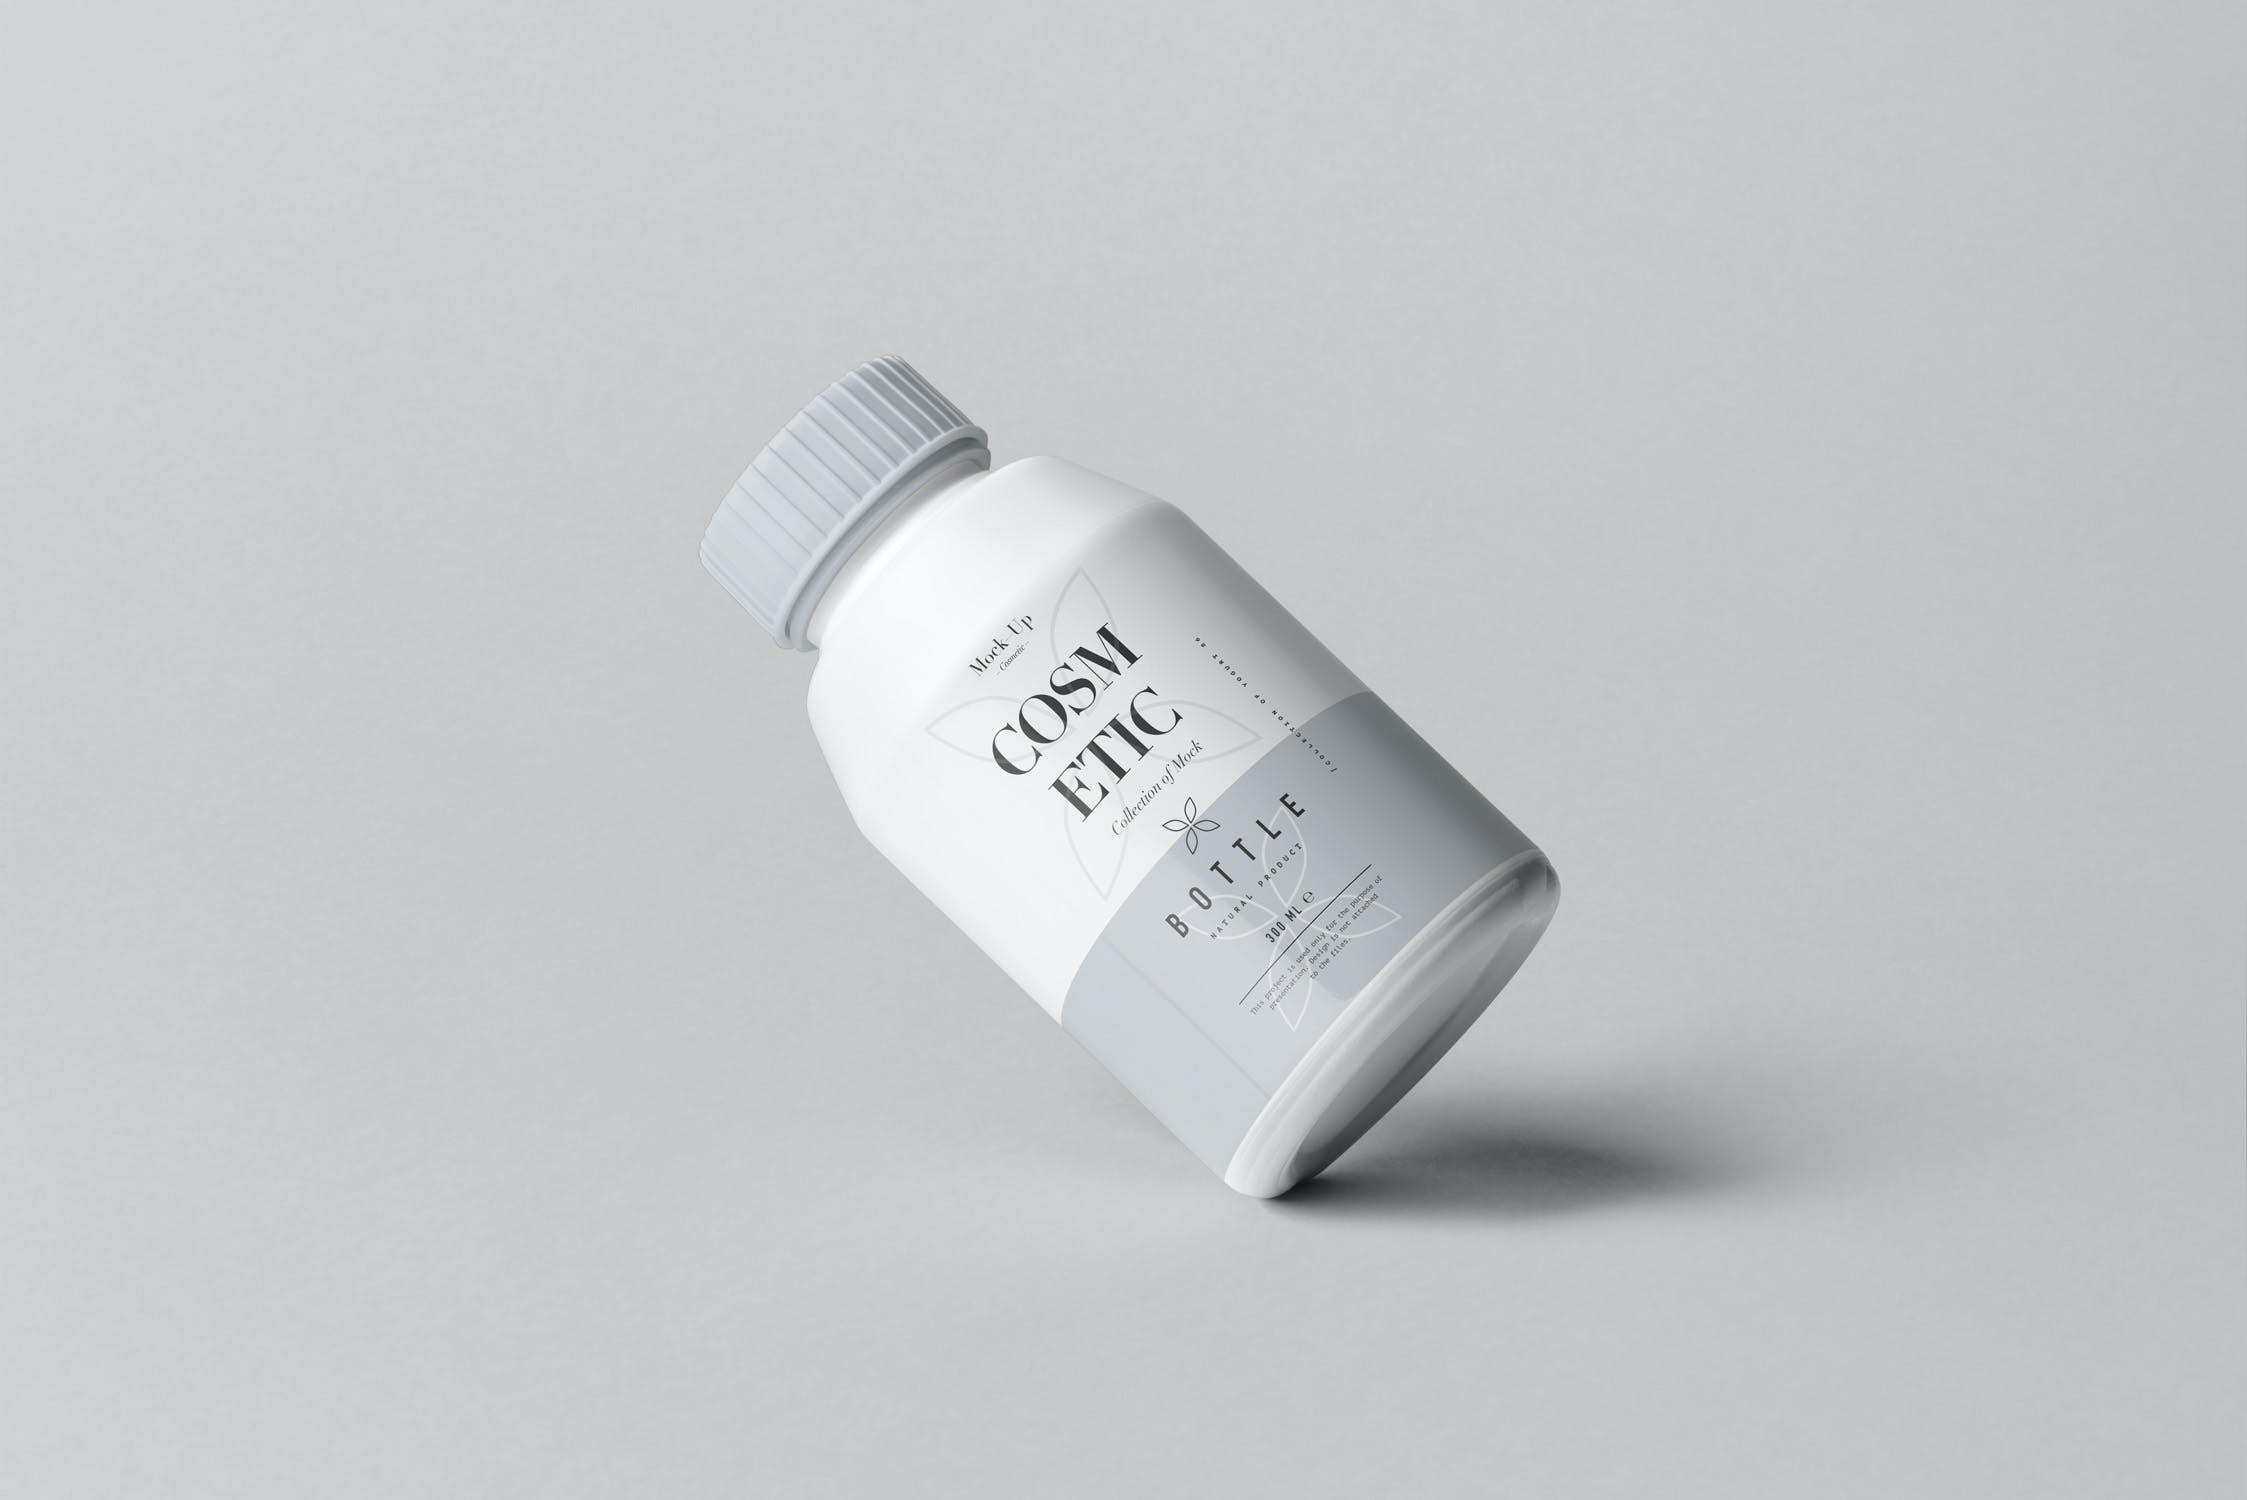 10款化妆品塑料包装罐设计展示样机PSD模板 Cosmetic Bottle Mockup 3插图(10)